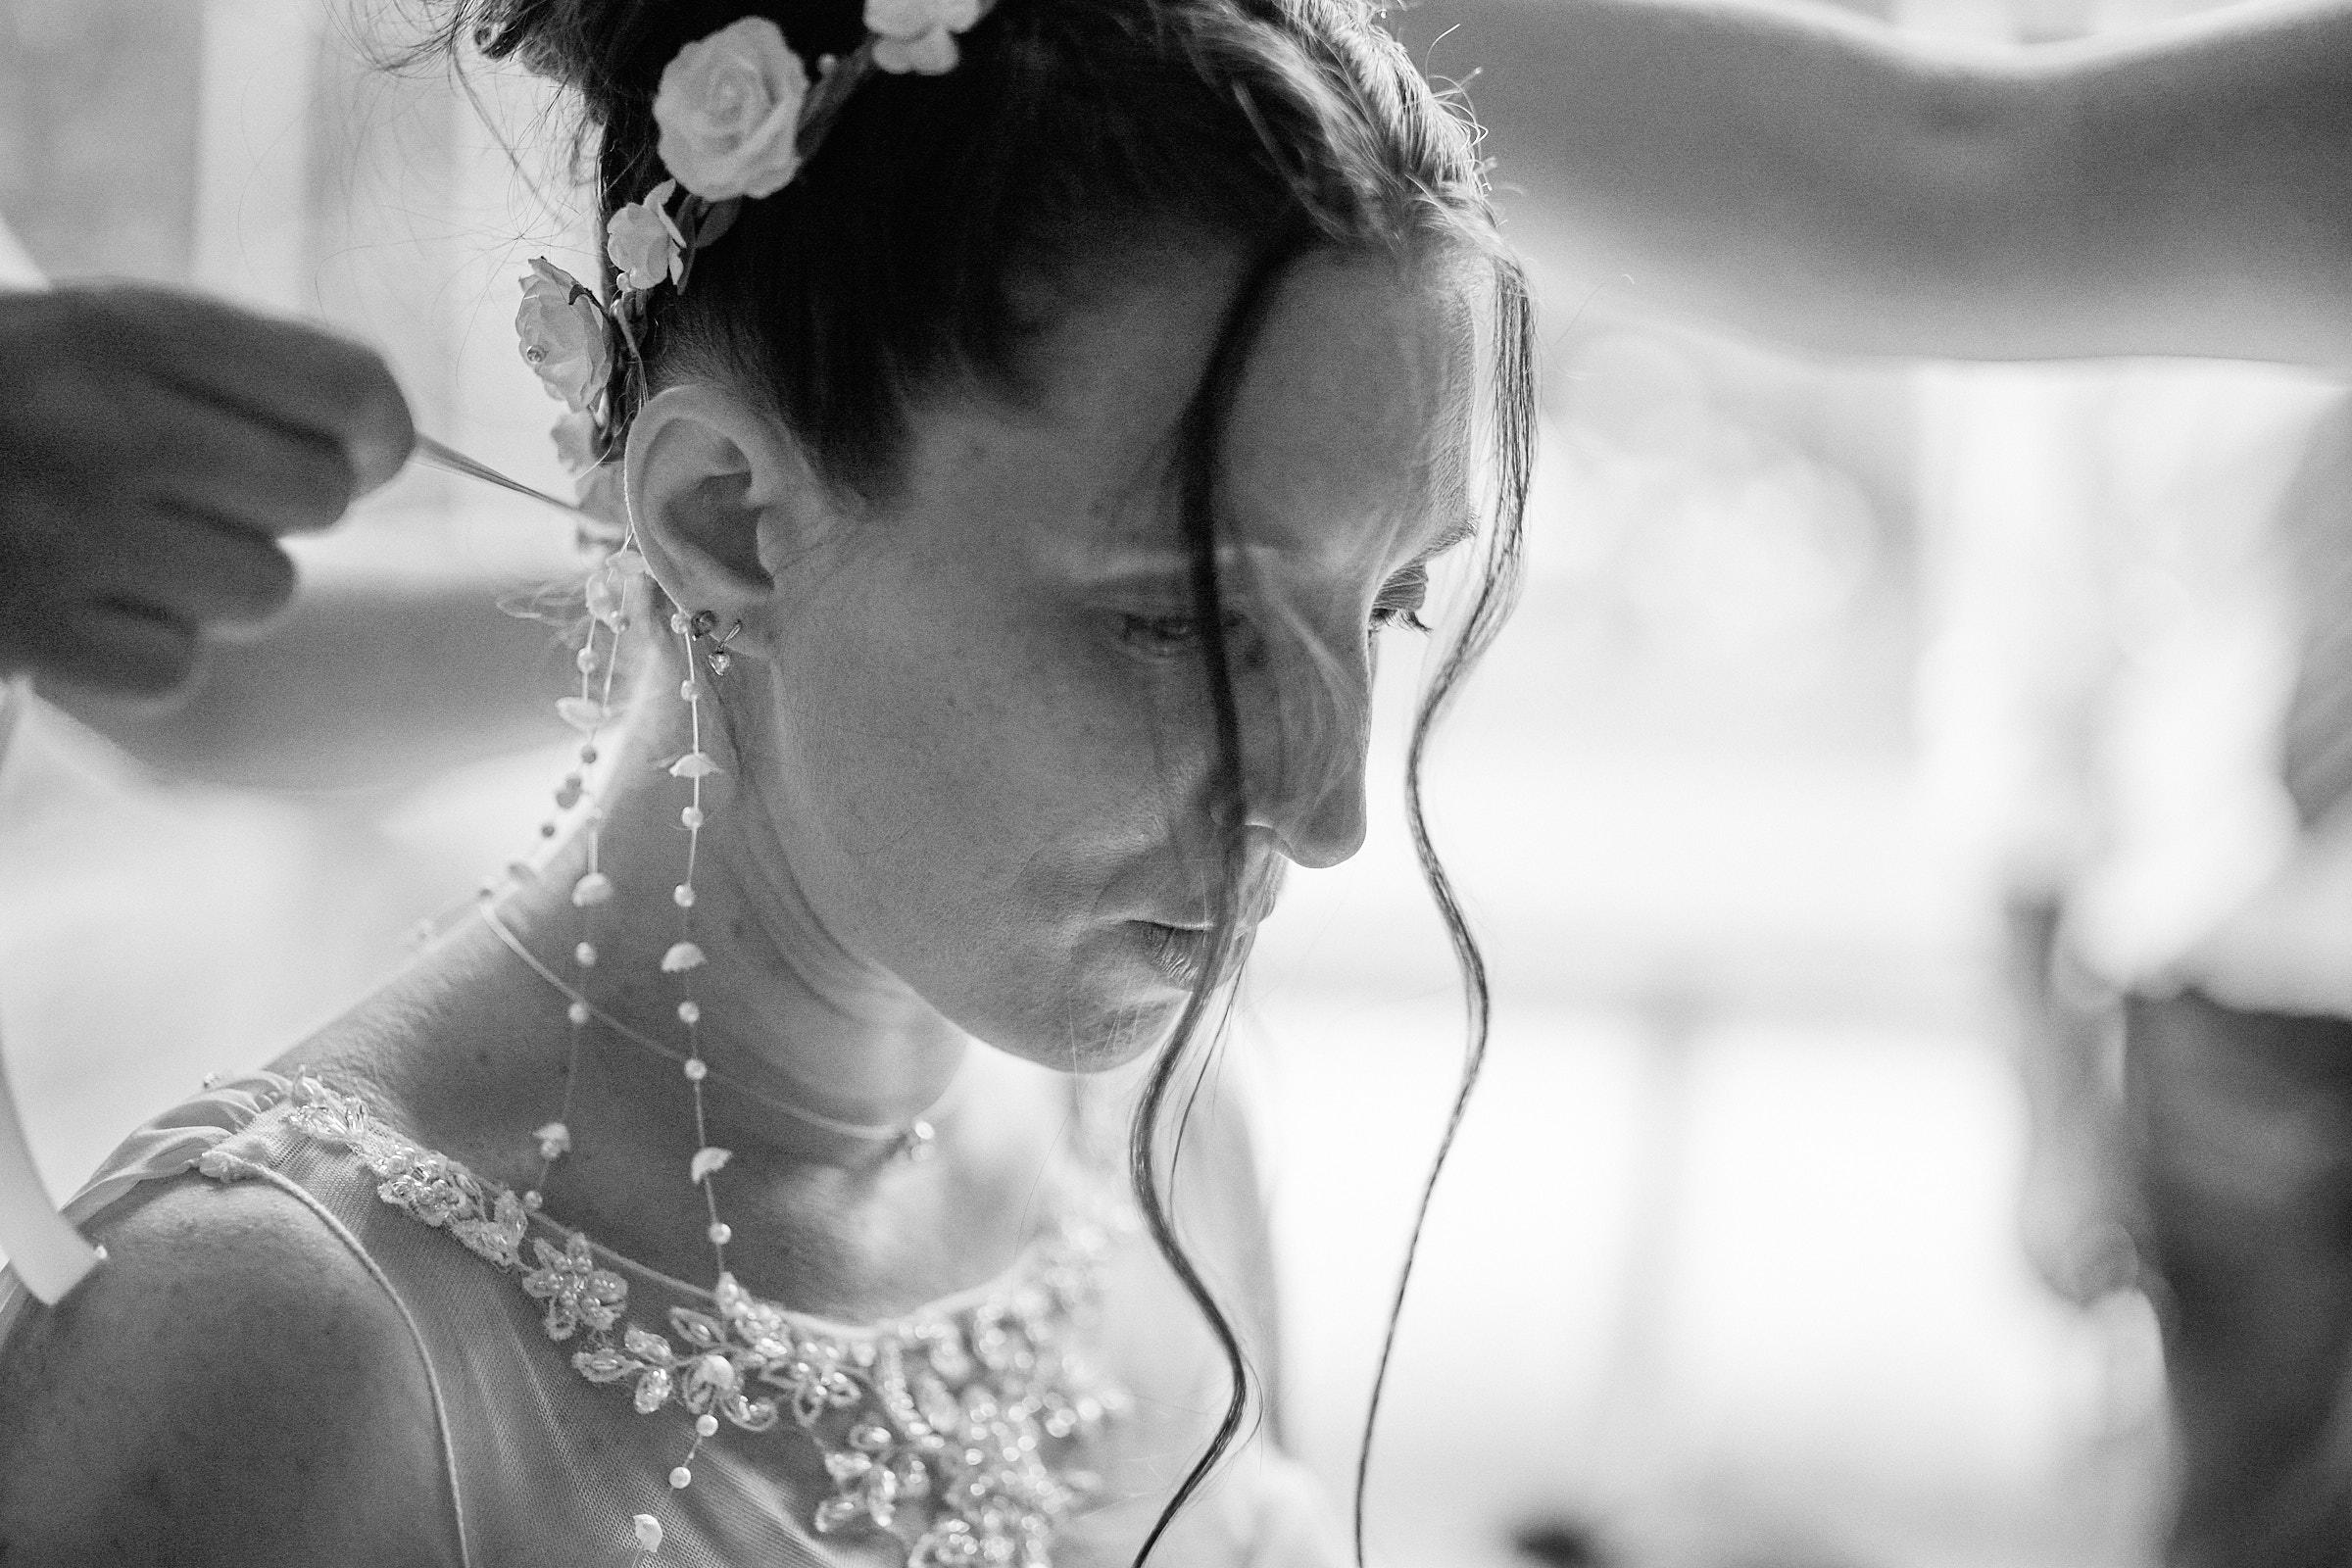 pose des accessoires dans la coiffure de la mariée